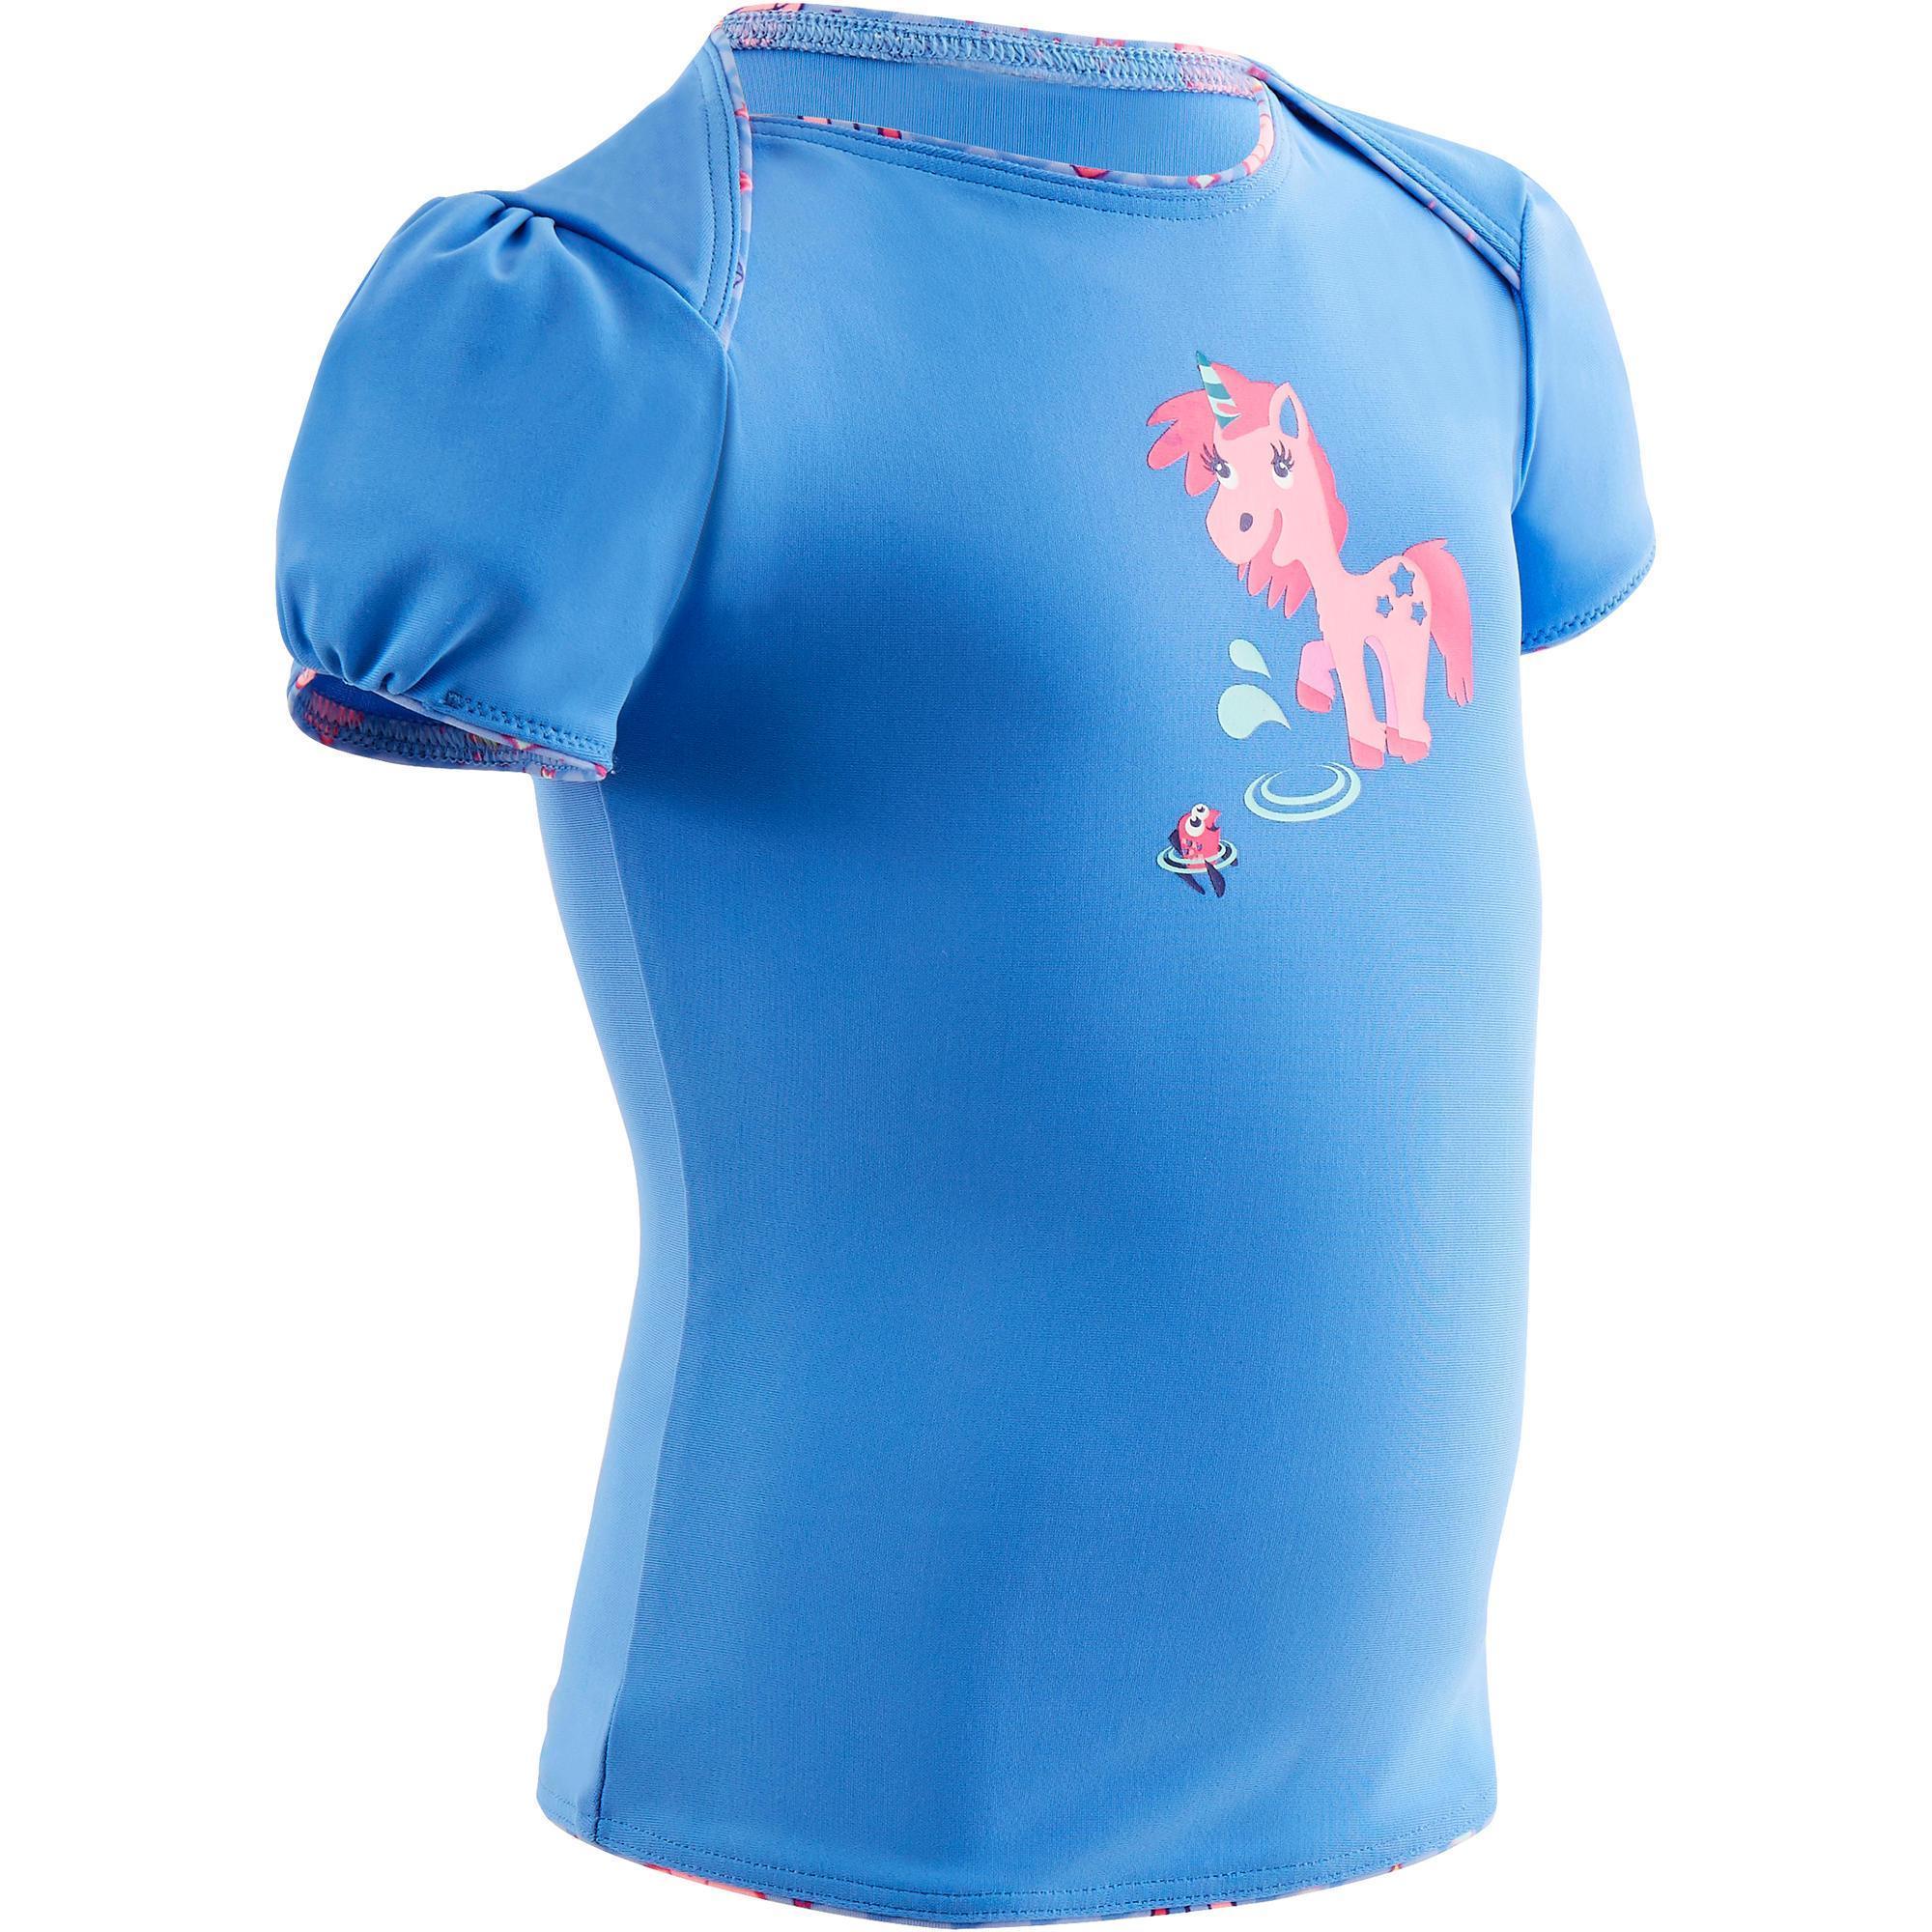 Baby,Kinder,Mädchen,Kinder Badeanzug Tankini Top 100 Baby Mädchen Print Einhorn blau   03583788142614